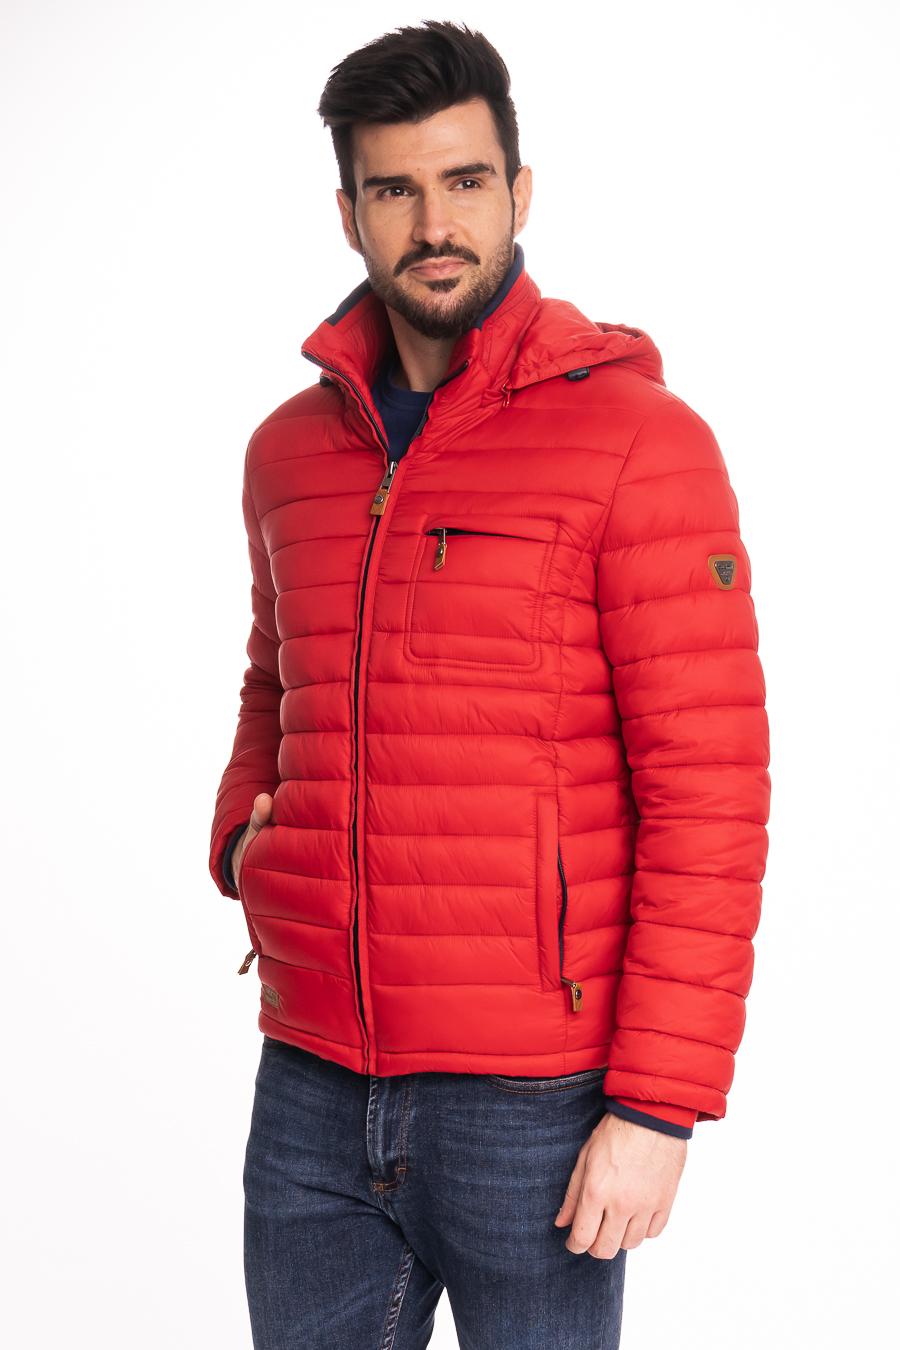 Férfi kabát & dzseki kollekció